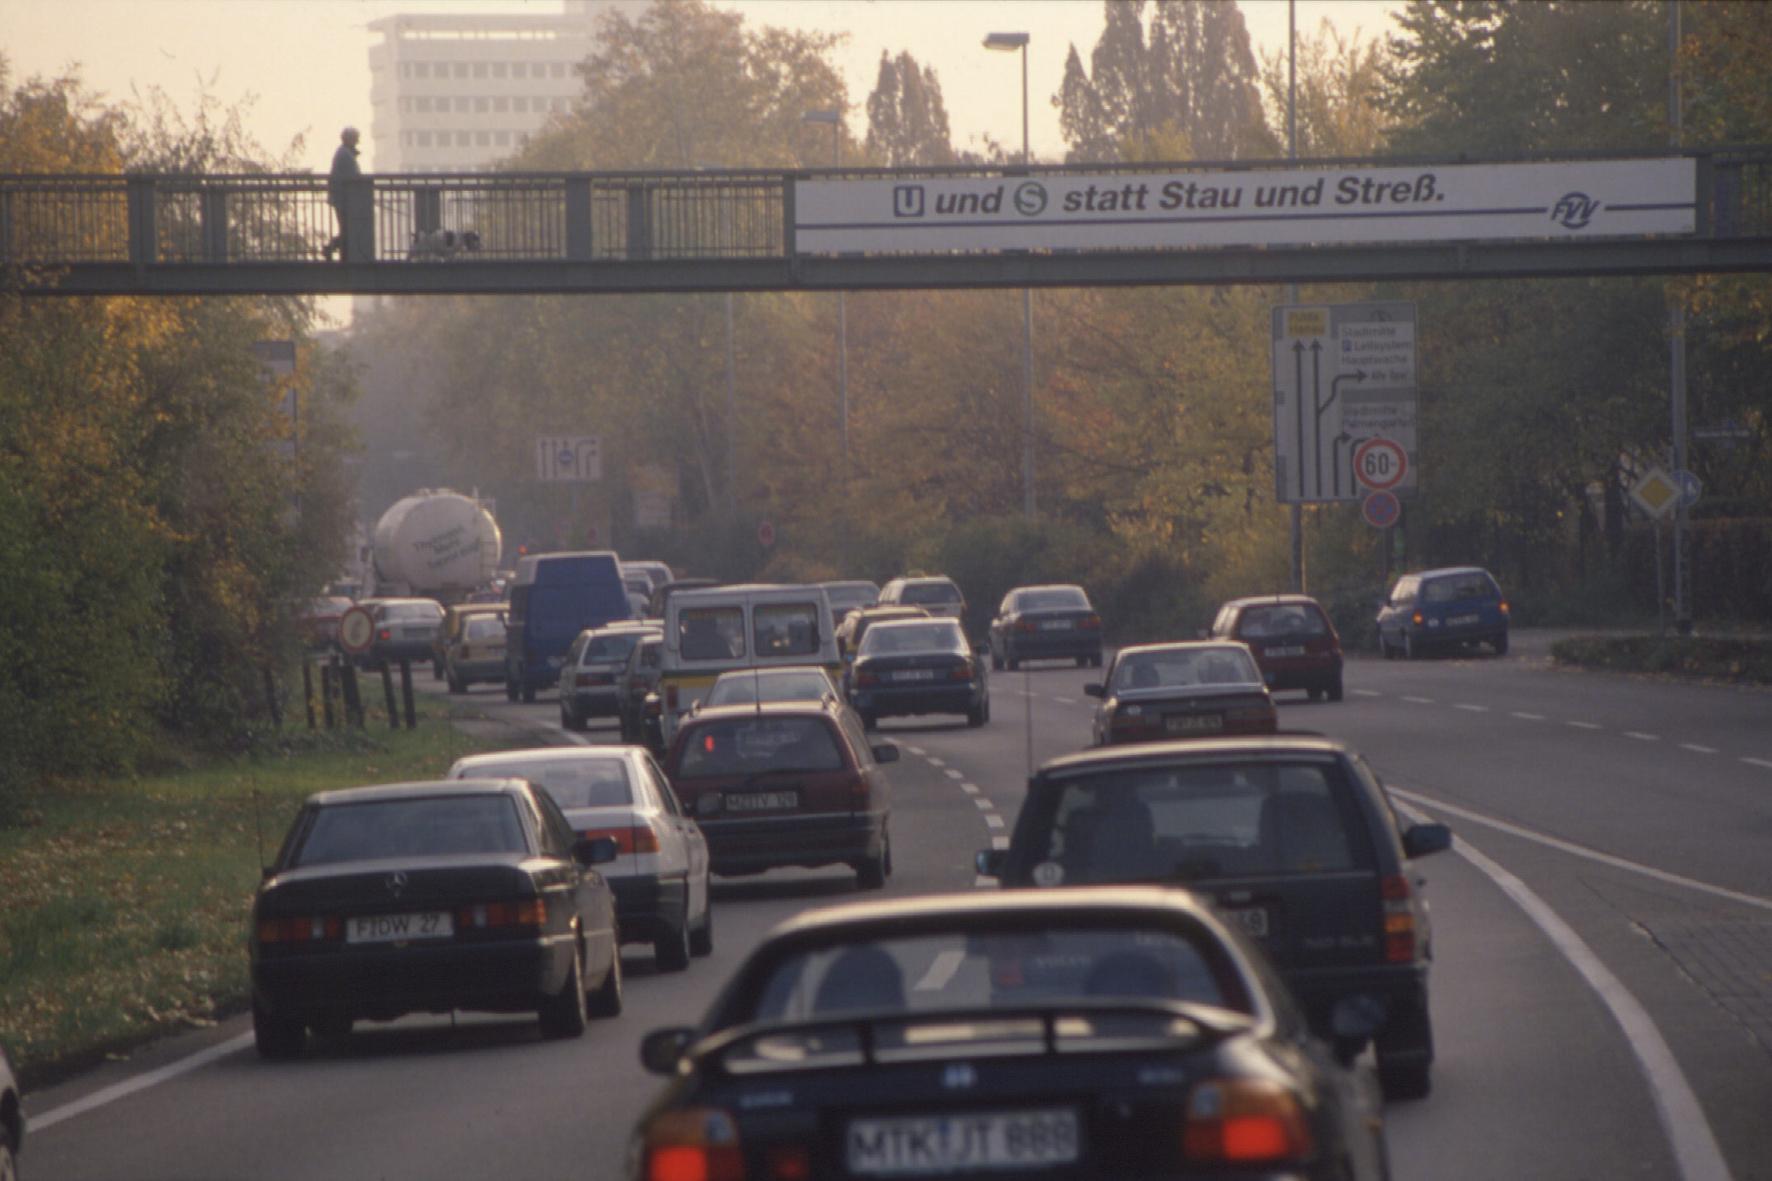 mid Groß-Gerau - Ein sehr kleiner Anteil der Autos ist für fast die Hälfte der Stickstoff-Emissionen verantwortlich. Herausgefunden haben das Forscher der Universität Heidelberg, die ein neues Messgerät entwickelt und gebaut haben.